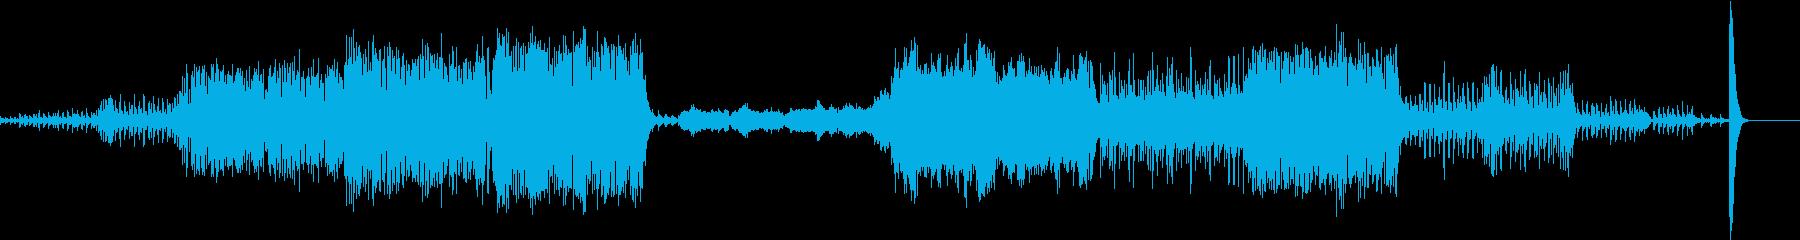 東洋的なクラシック ペルシャの市場にての再生済みの波形